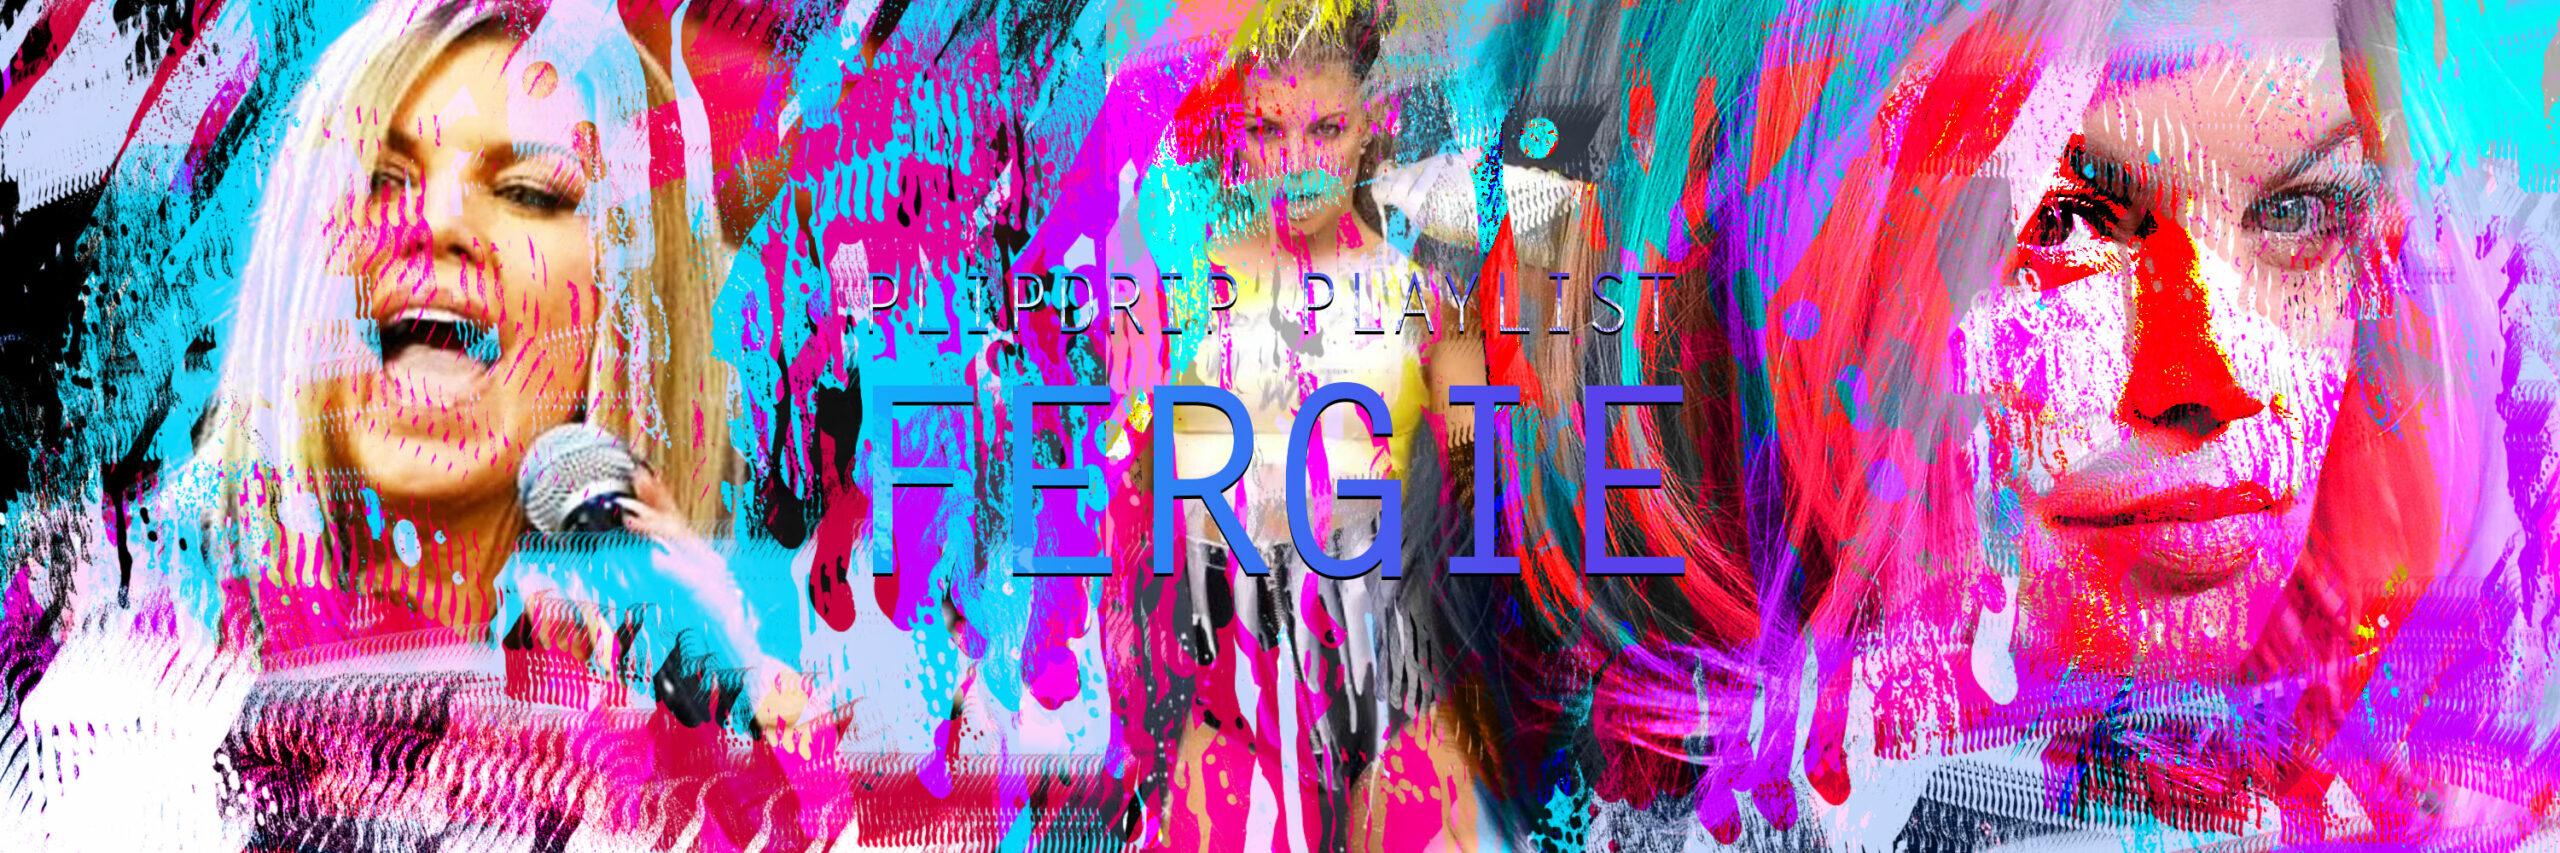 PF-fergie-banner-1